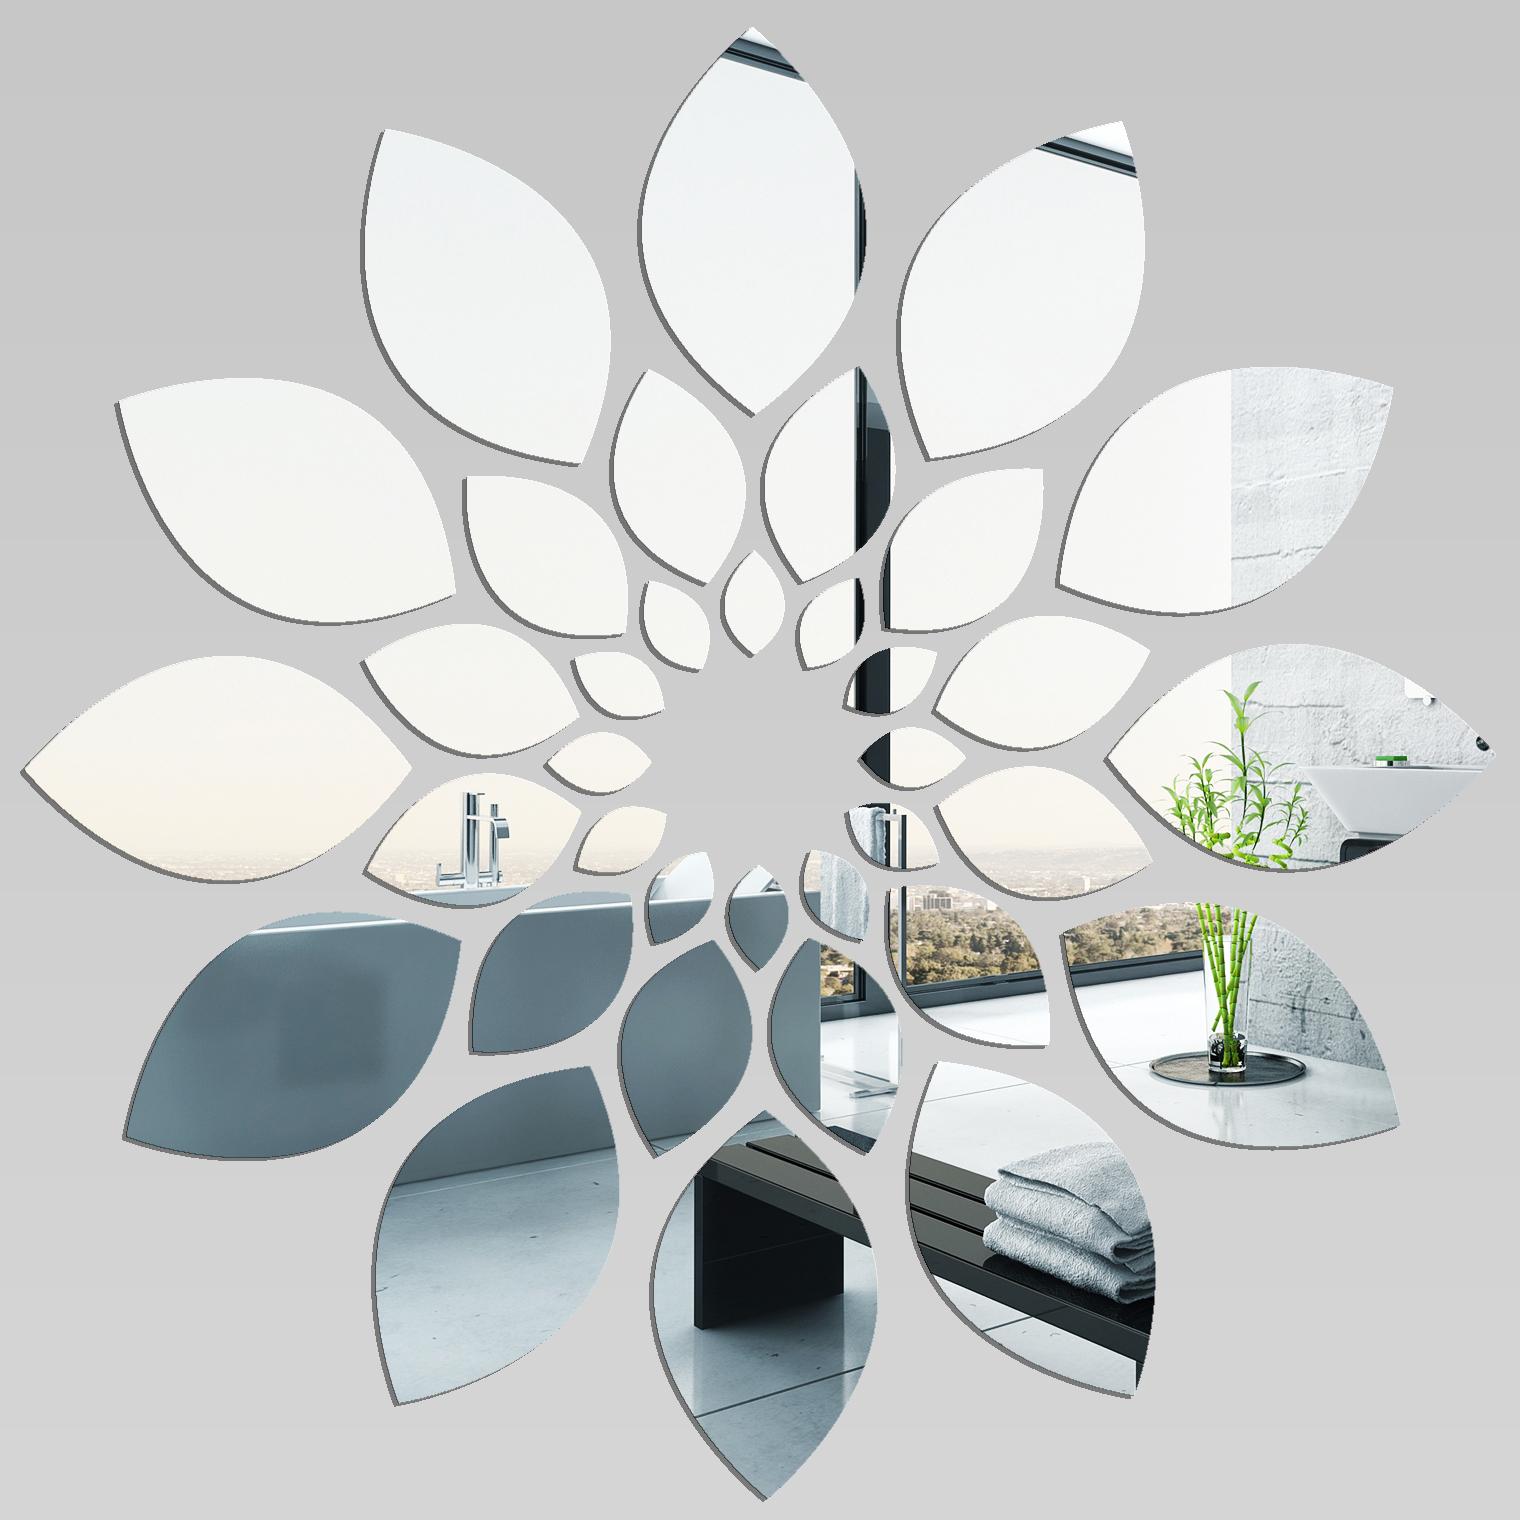 Vinilos folies espejos decorativo acr lico pl xiglas flor for Espejos decorativos rectangulares